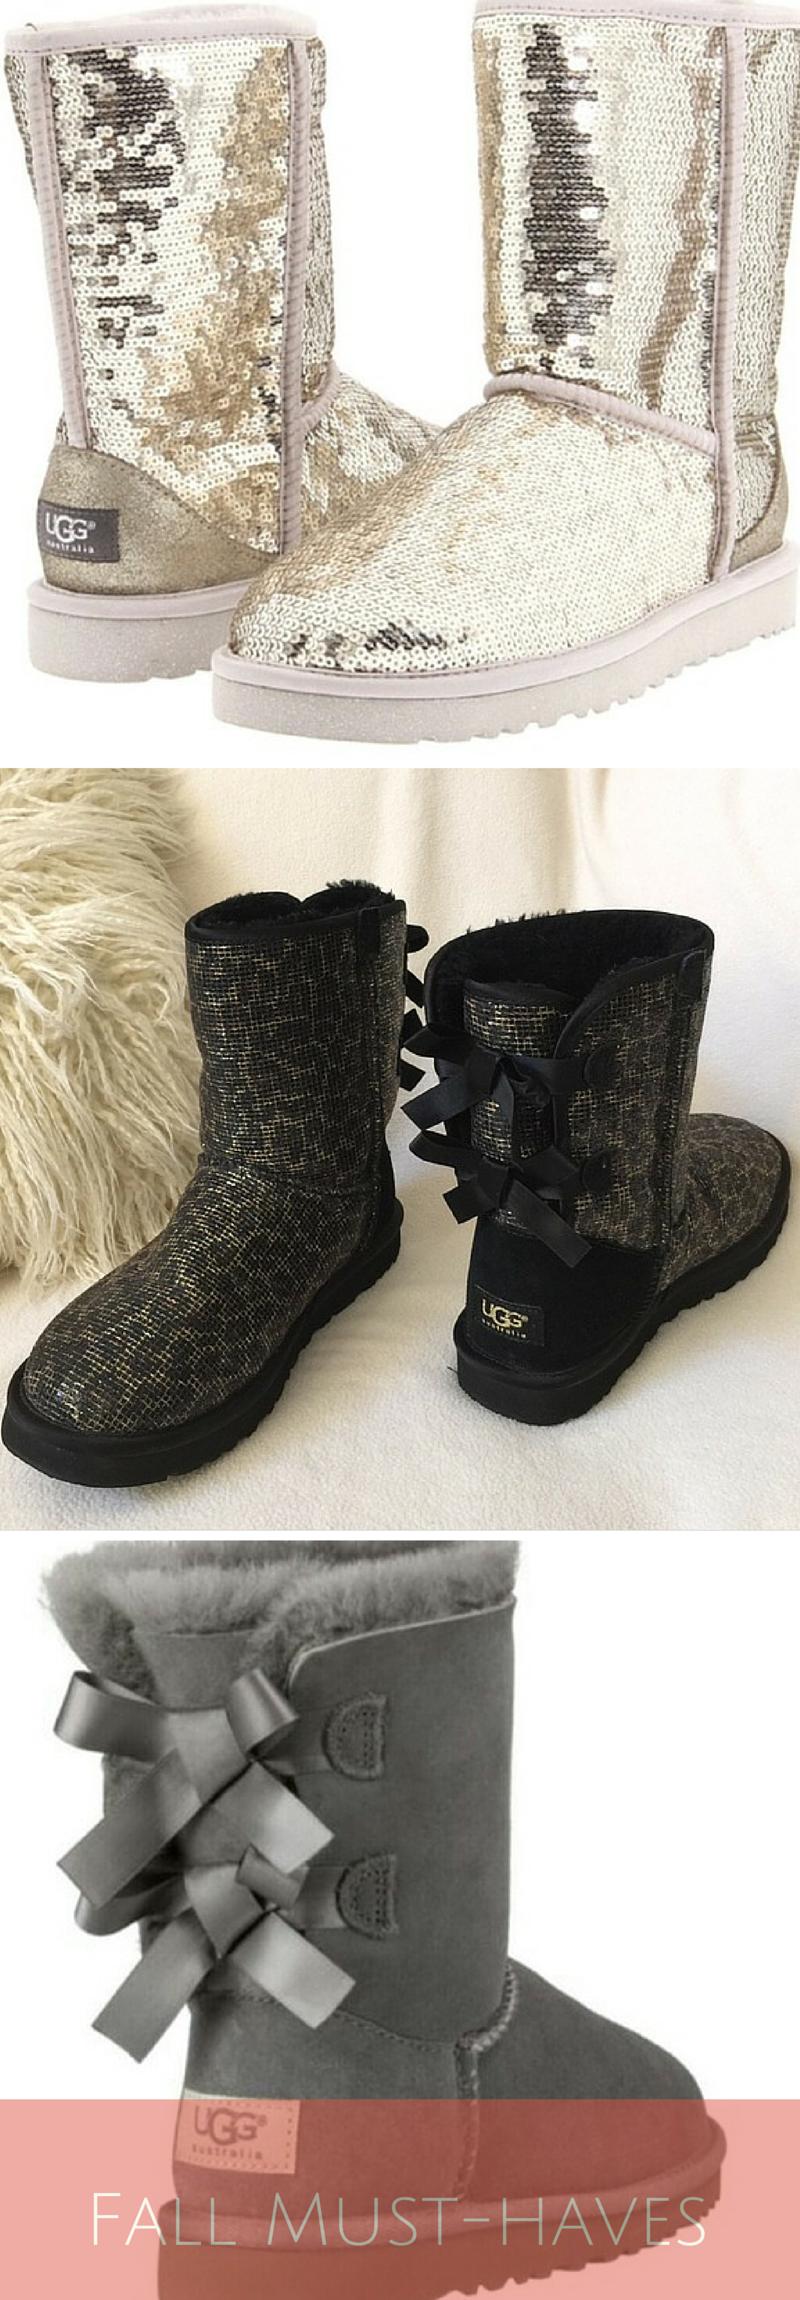 buy ugg boots sale